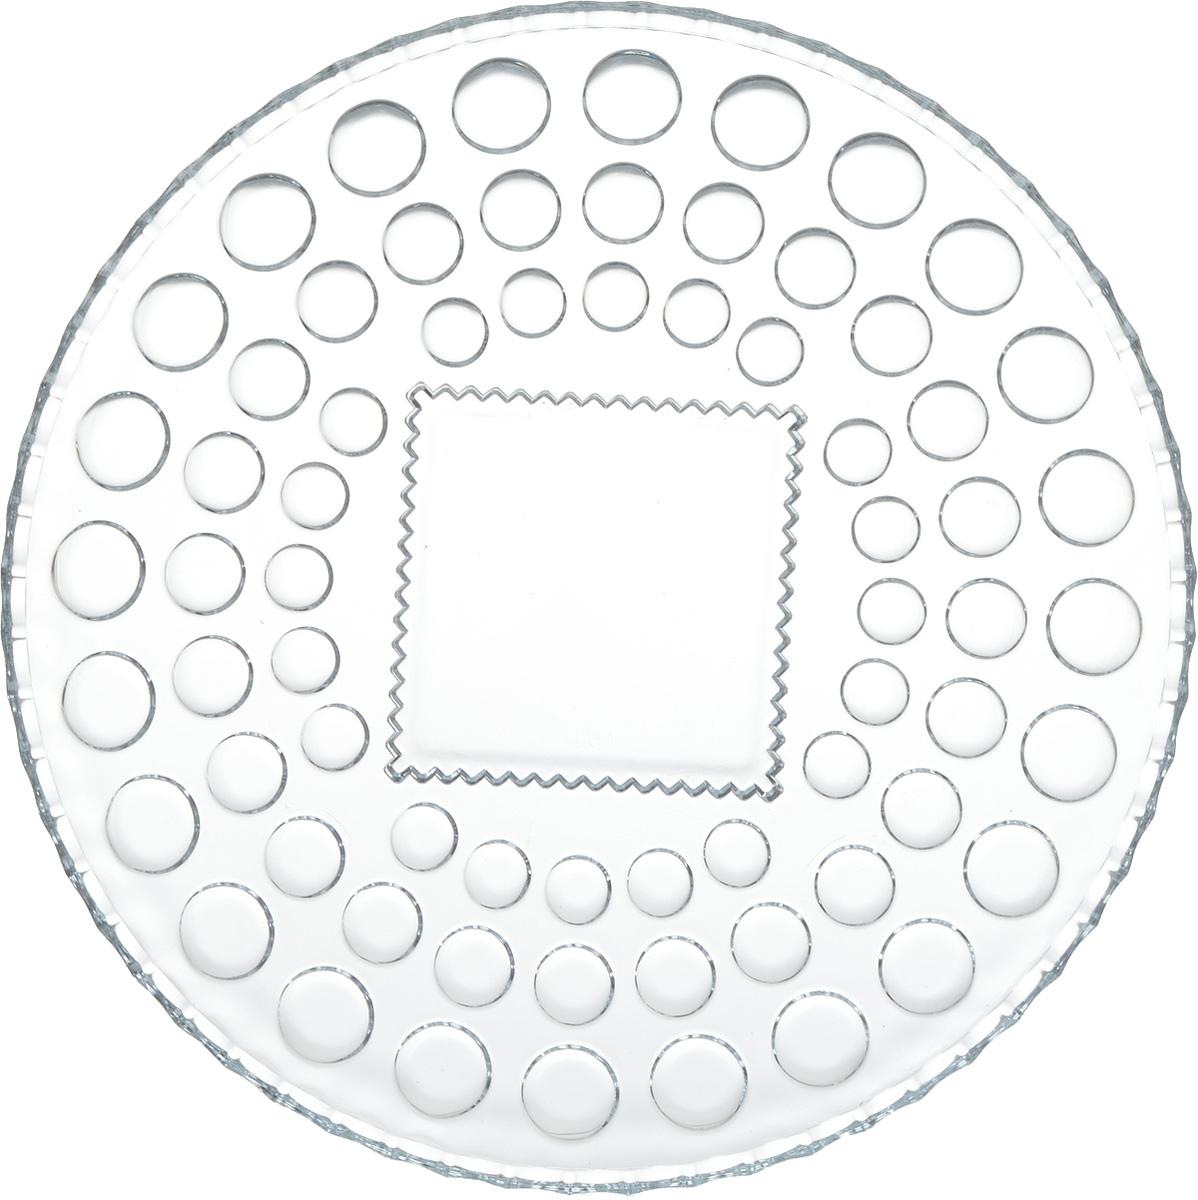 Блюдо Isfahan Semiramis, диаметр 27 см808Блюдо на ножке Isfahan Semiramis, выполненное из высококачественного стекла, оригинальноукрасит праздничный стол и поможет красиво расположить торт или пирог. Блюдо с рифленымикраями установлено на изящную ножку.Такое изделие из иранского боросиликатногостекла - новый тренд на рынке посуды. Оно легче хрусталя, но при этом выглядит достаточнохрустально: те же грани, узоры, преломление света, блики, прозрачность, плавность краев иустойчивость дна.